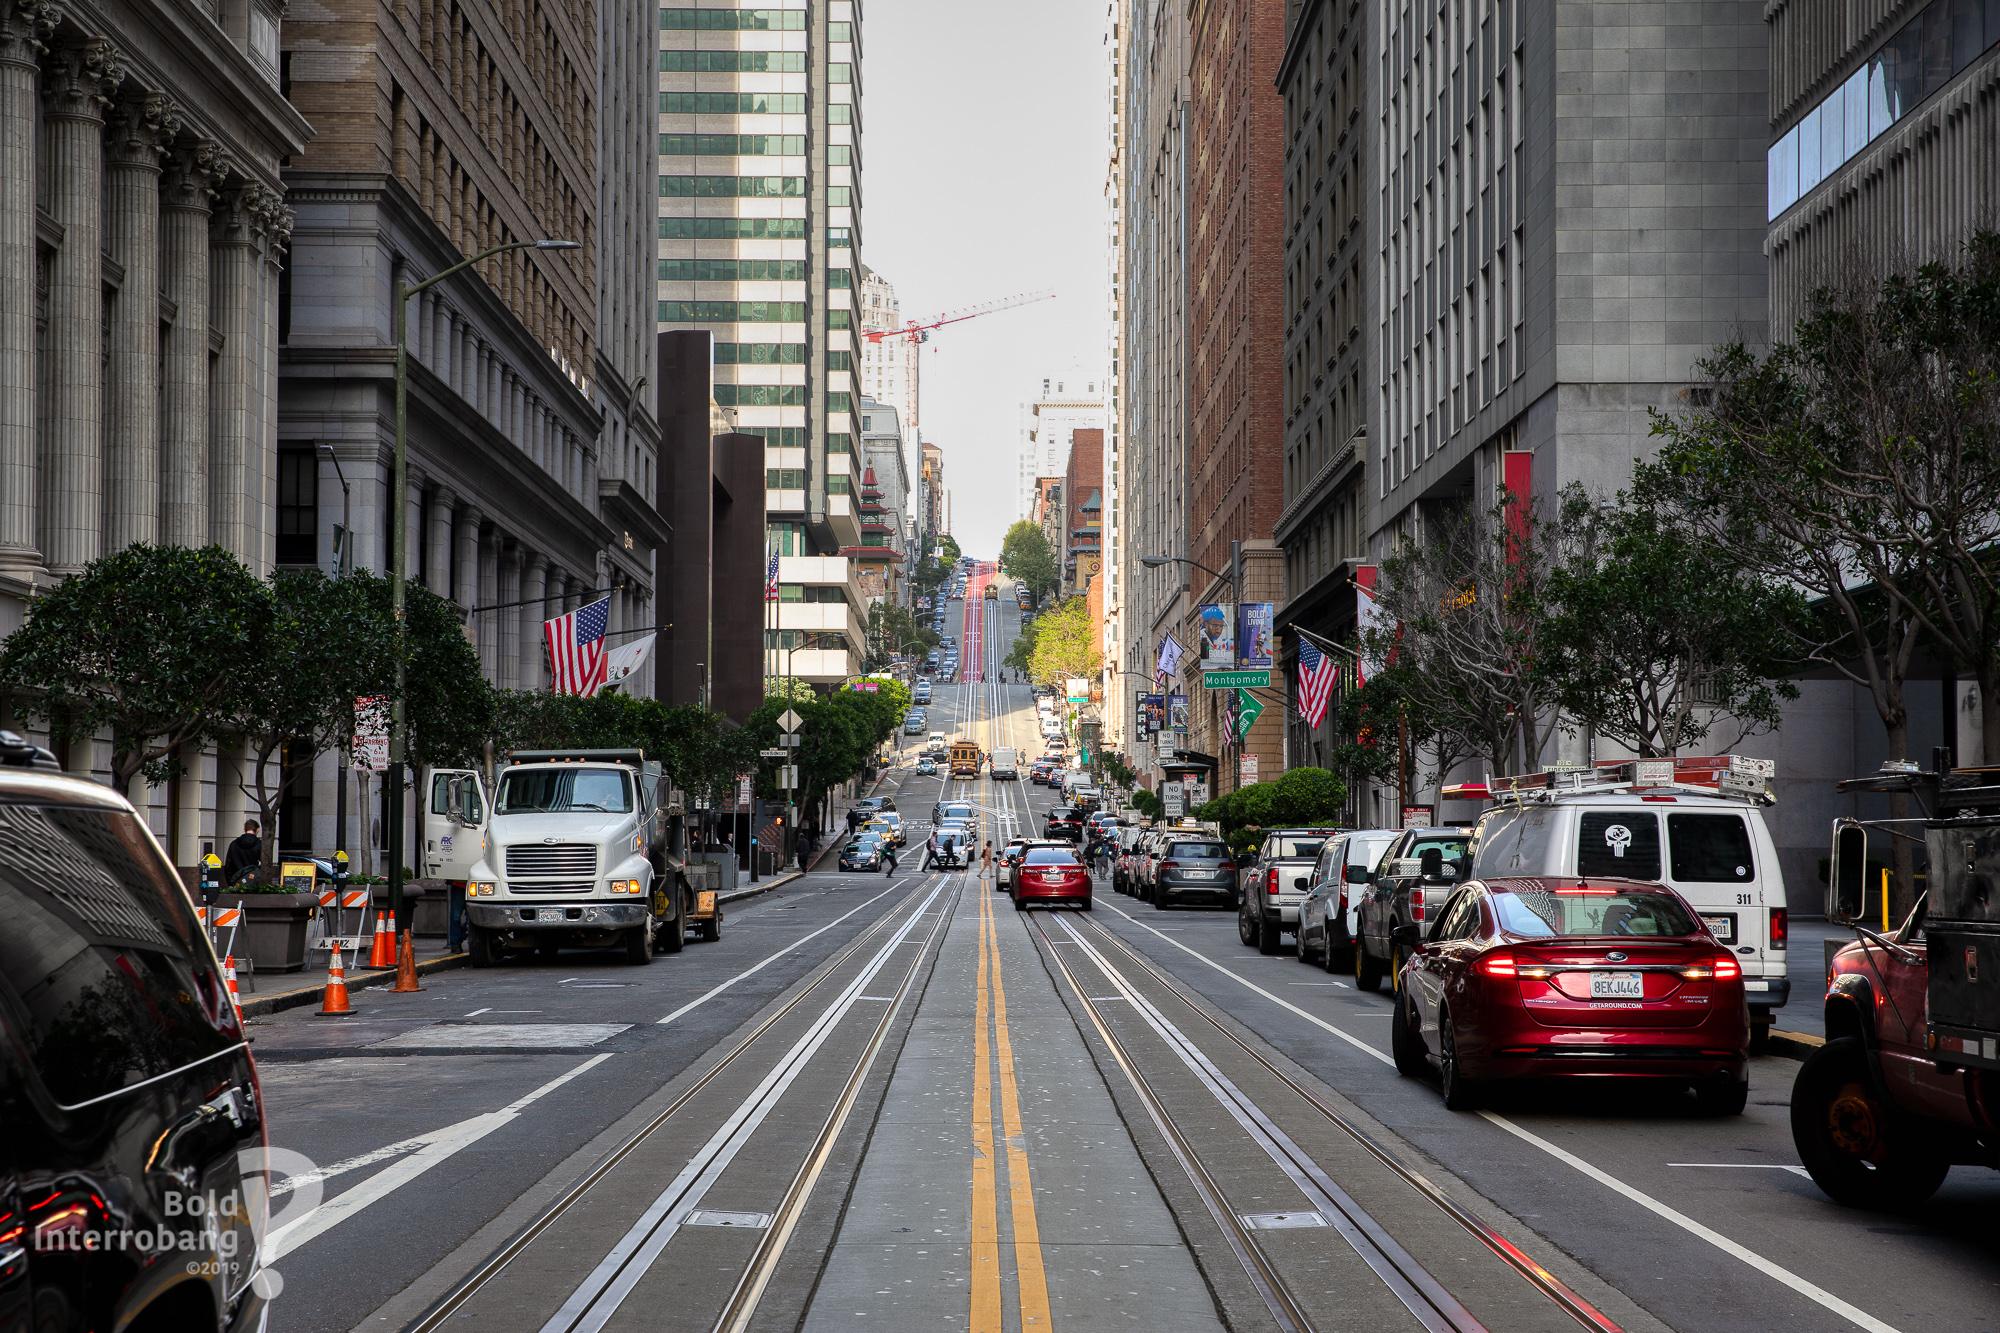 A San Francisco Morning